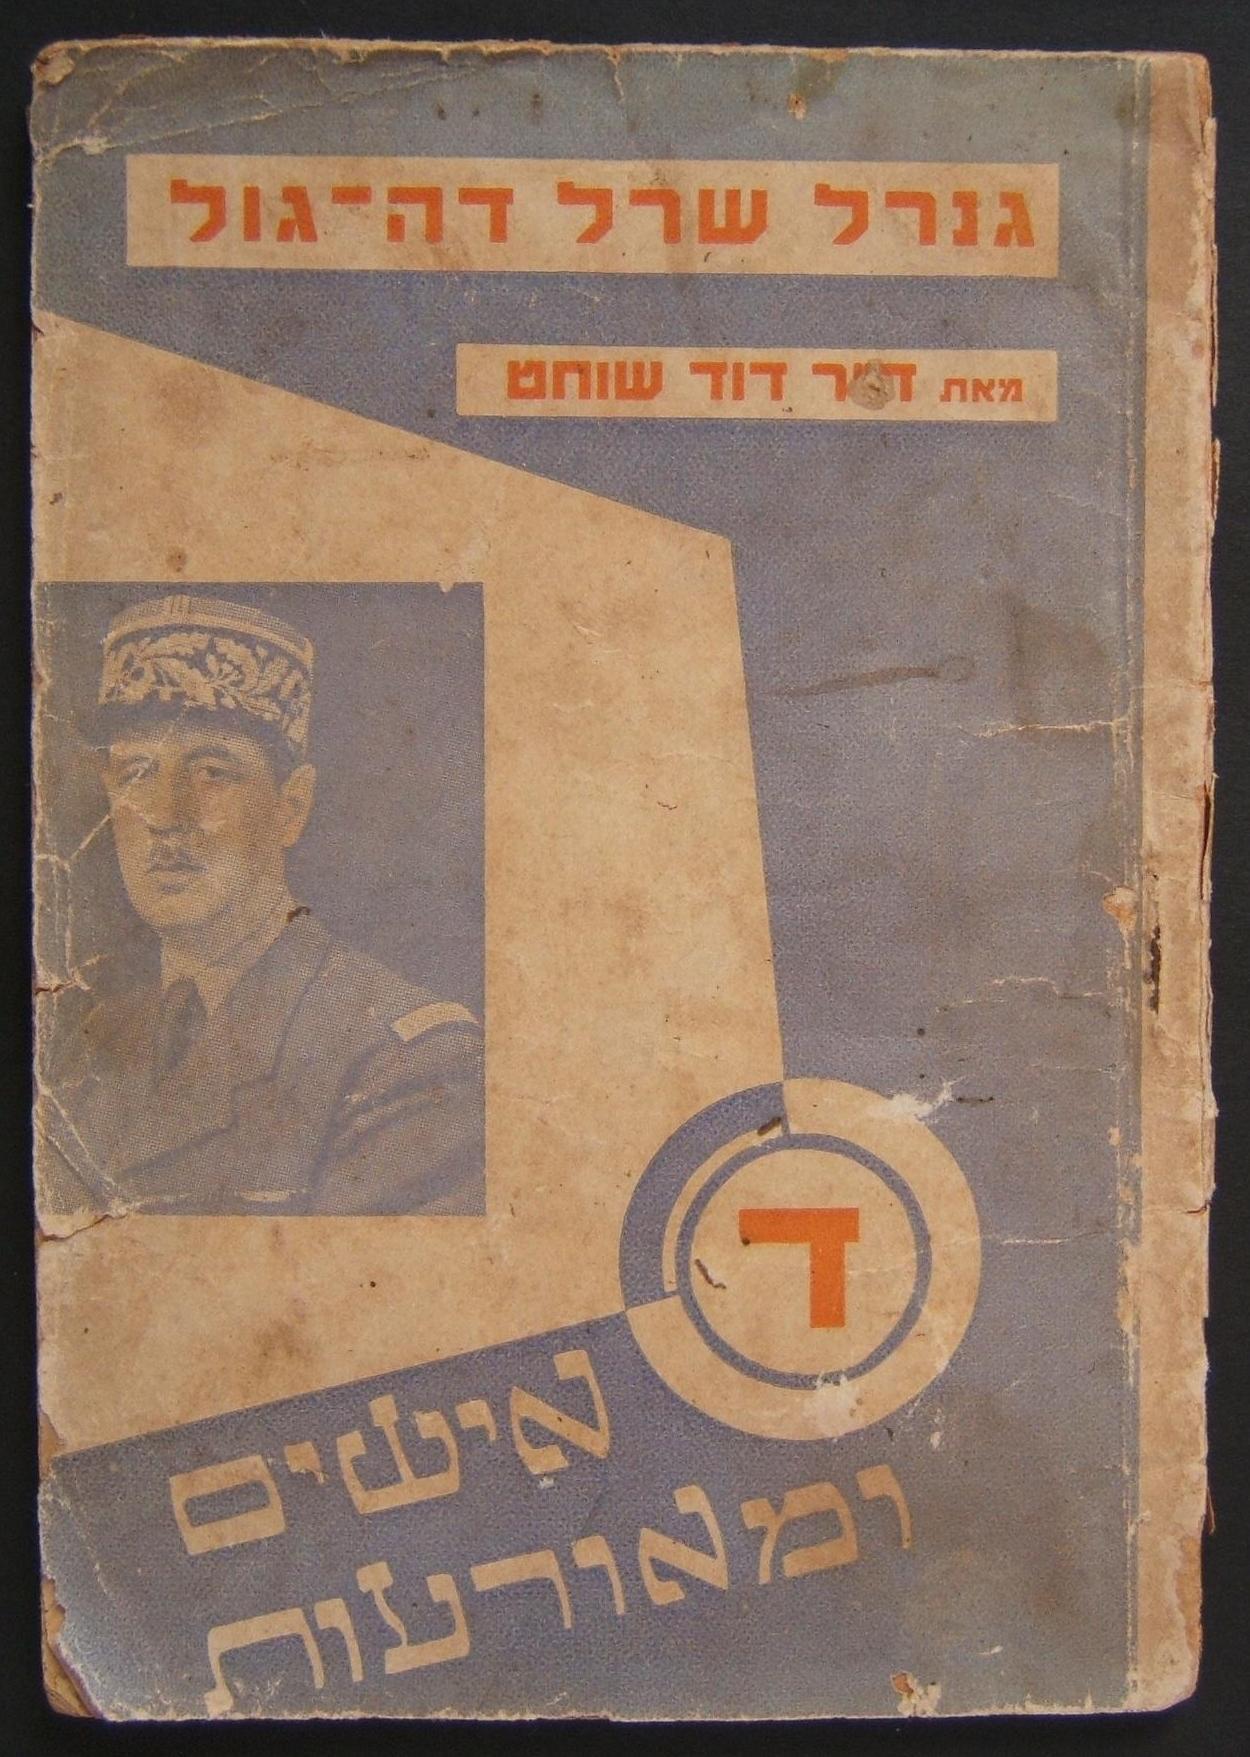 """מלחמת העולם השנייה ארץ ישראל עברית חוברת """"שארל דה גול"""" מאת ד 'שוחט 1941"""